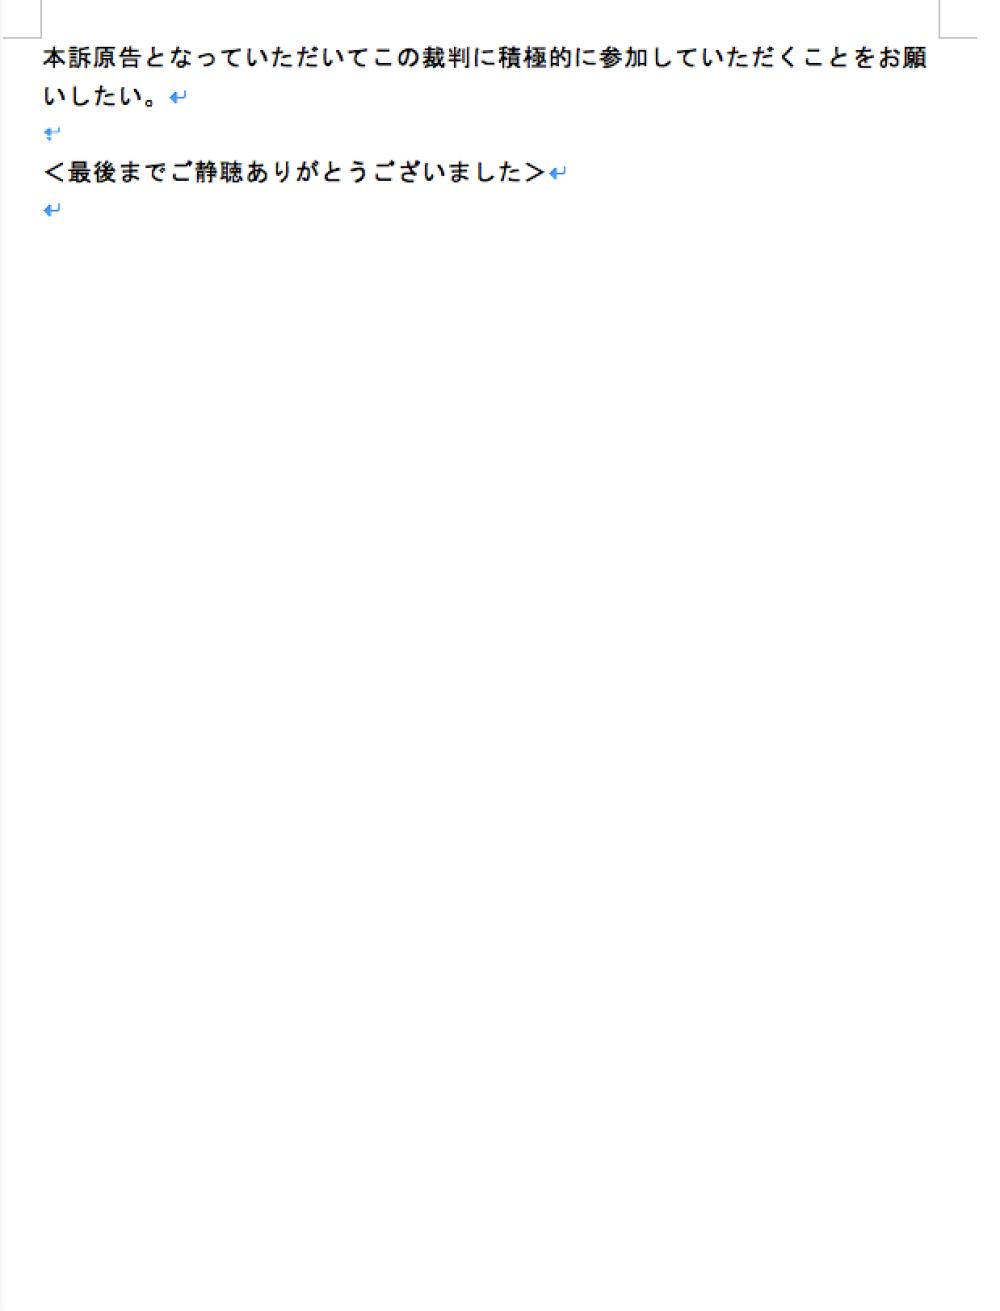 b0242956_16384140.jpg